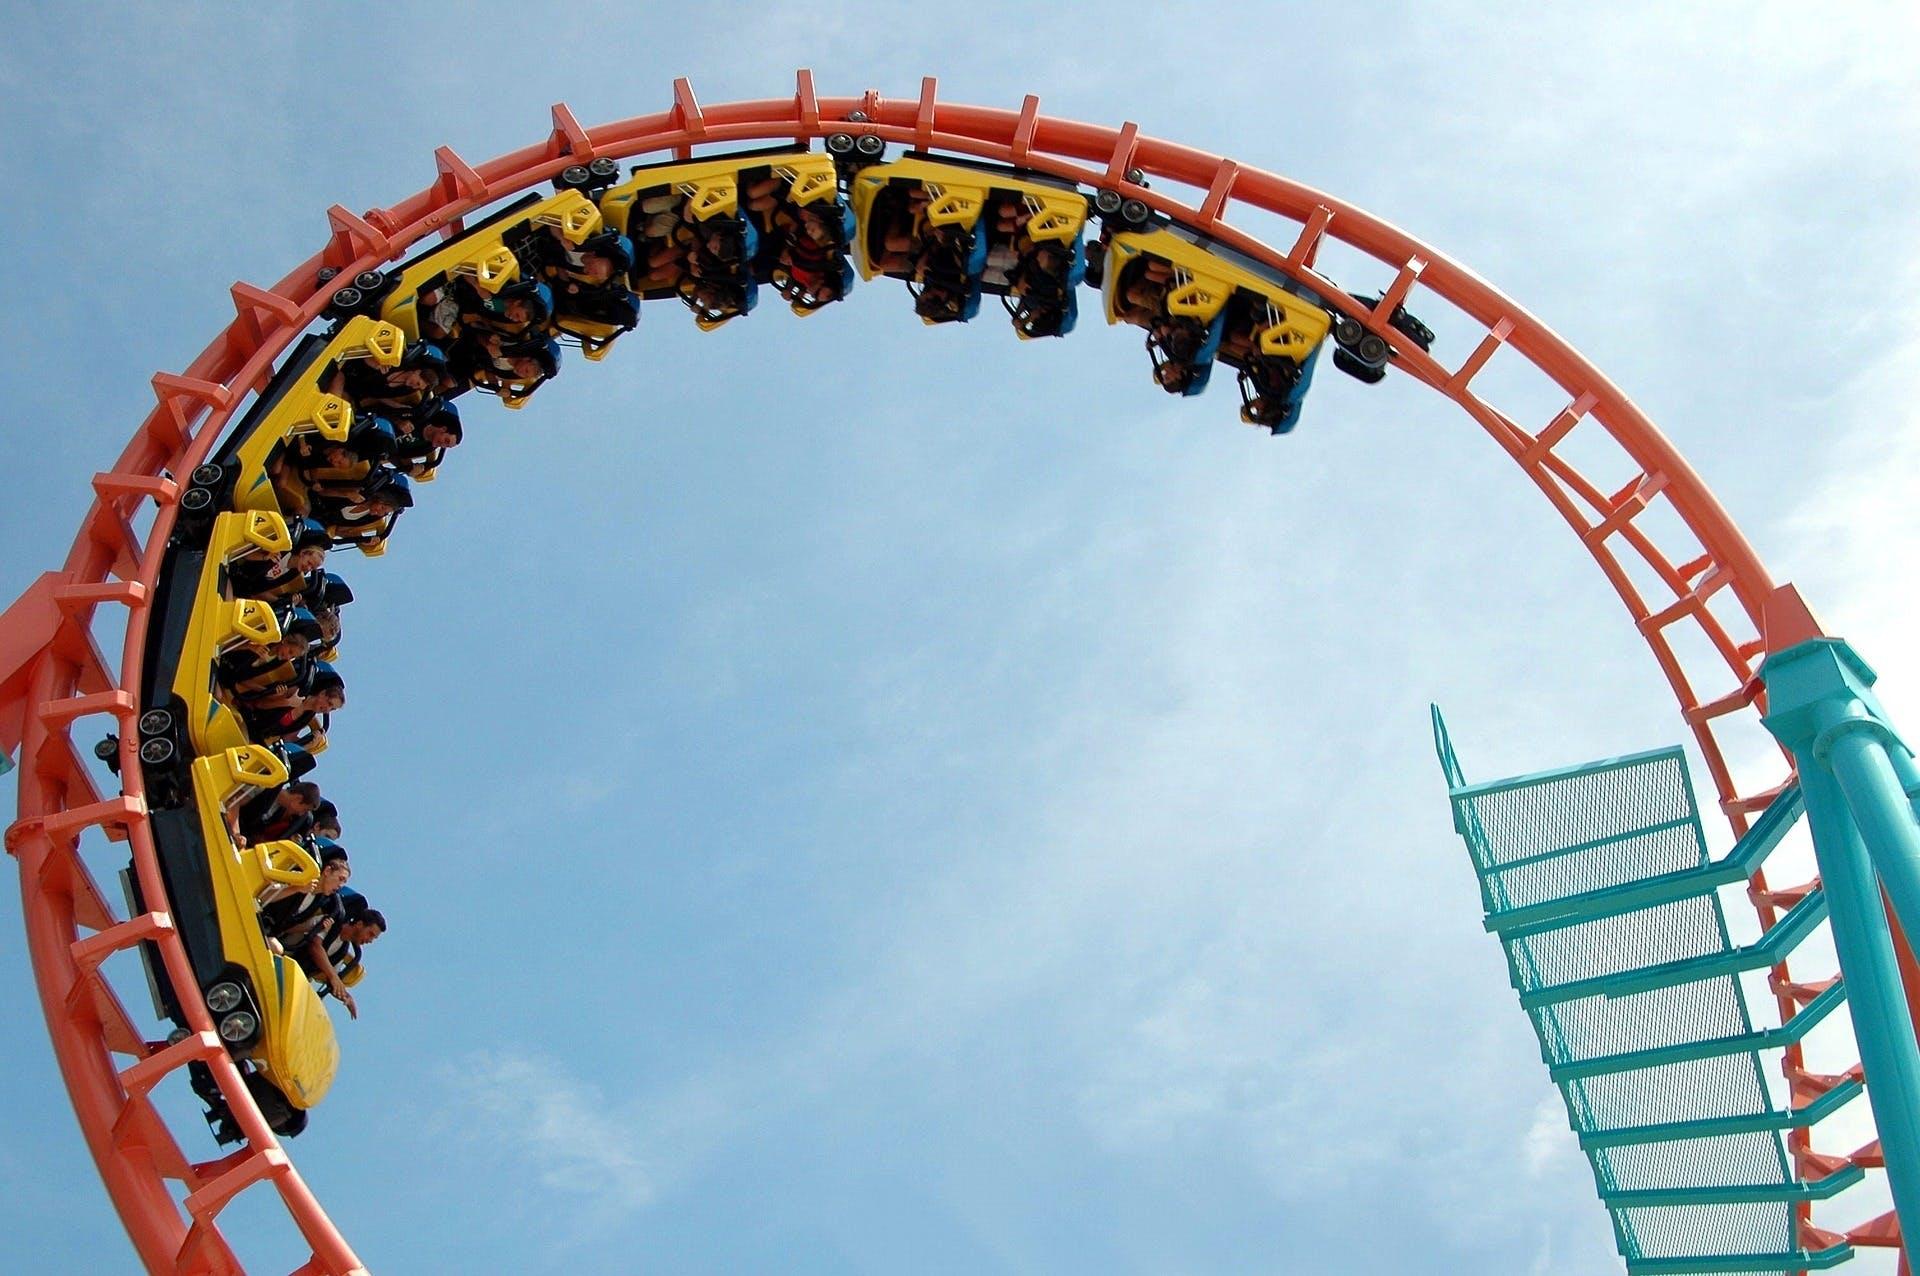 Salir de la ciudad,Tickets, museos, atracciones,Traslados y servicios,Excursiones de un día,Parques de atracciones,